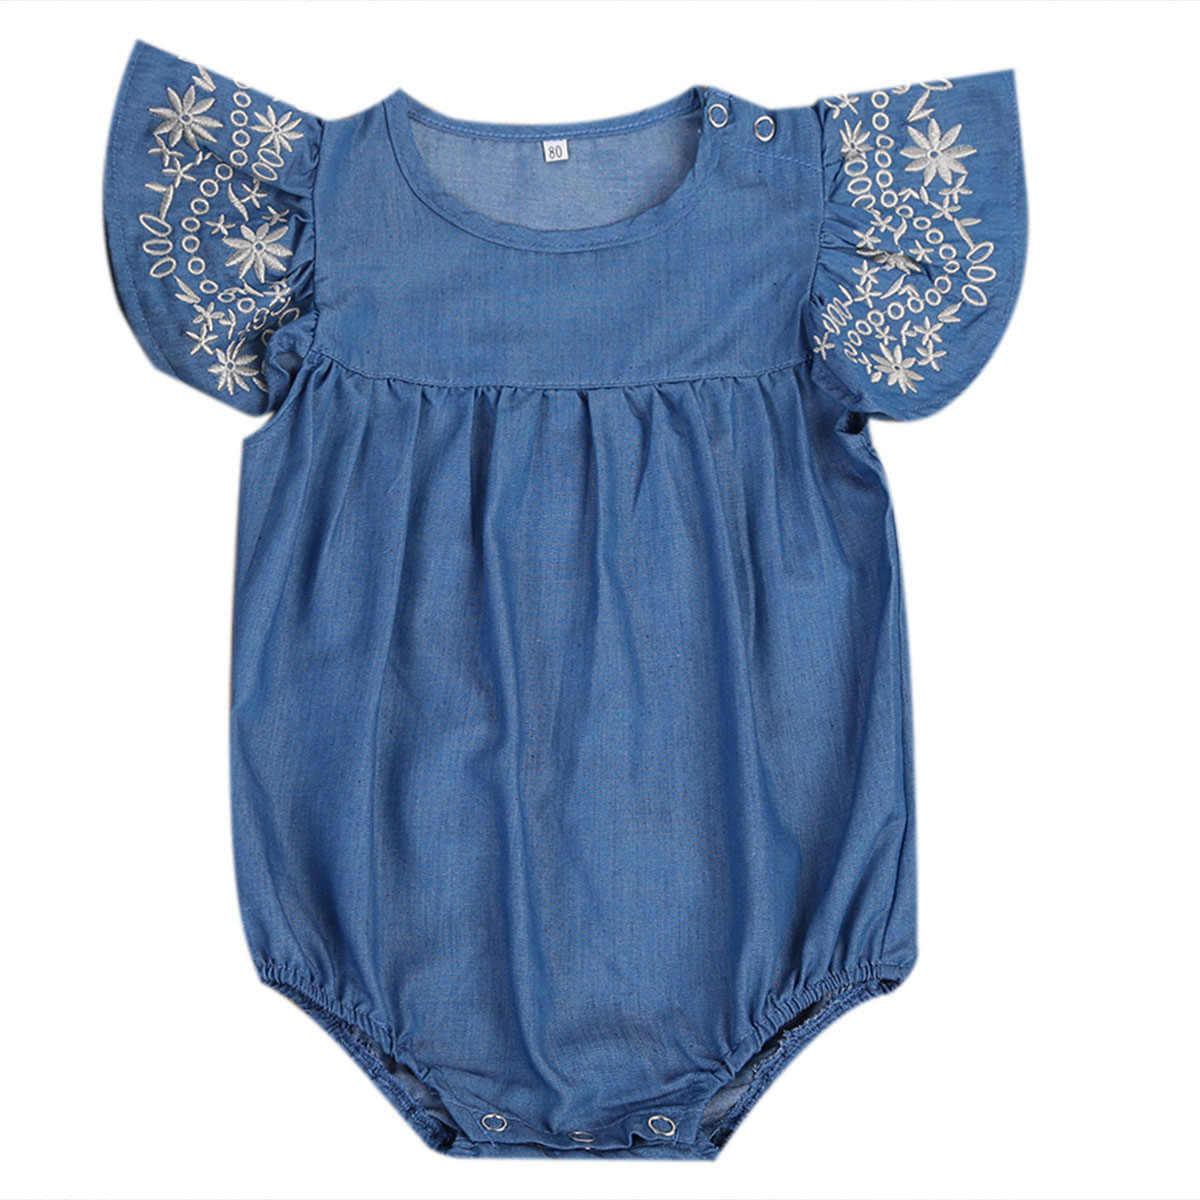 c4dd68d54 Detail Feedback Questions about Fashion Newborn Baby Girl Denim ...